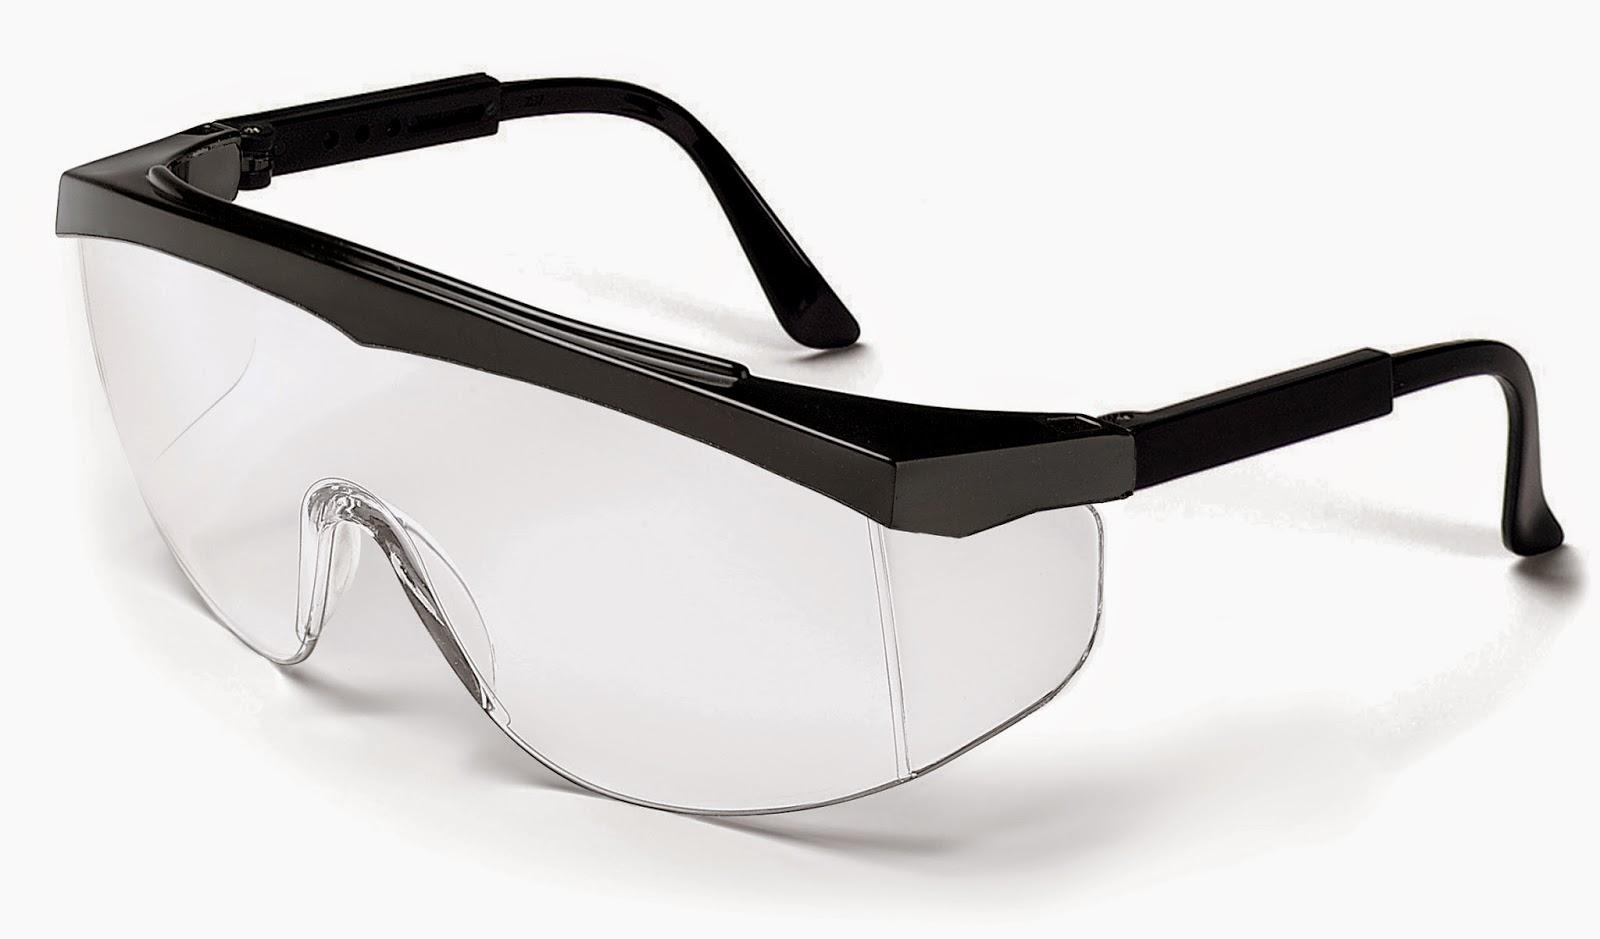 Óculos de Proteção  A profissão de marceneiro está exposta a muitos riscos  na região dos olhos. Isso porque grande parte do trabalho dos marceneiros  envolve ... ffe89206cb